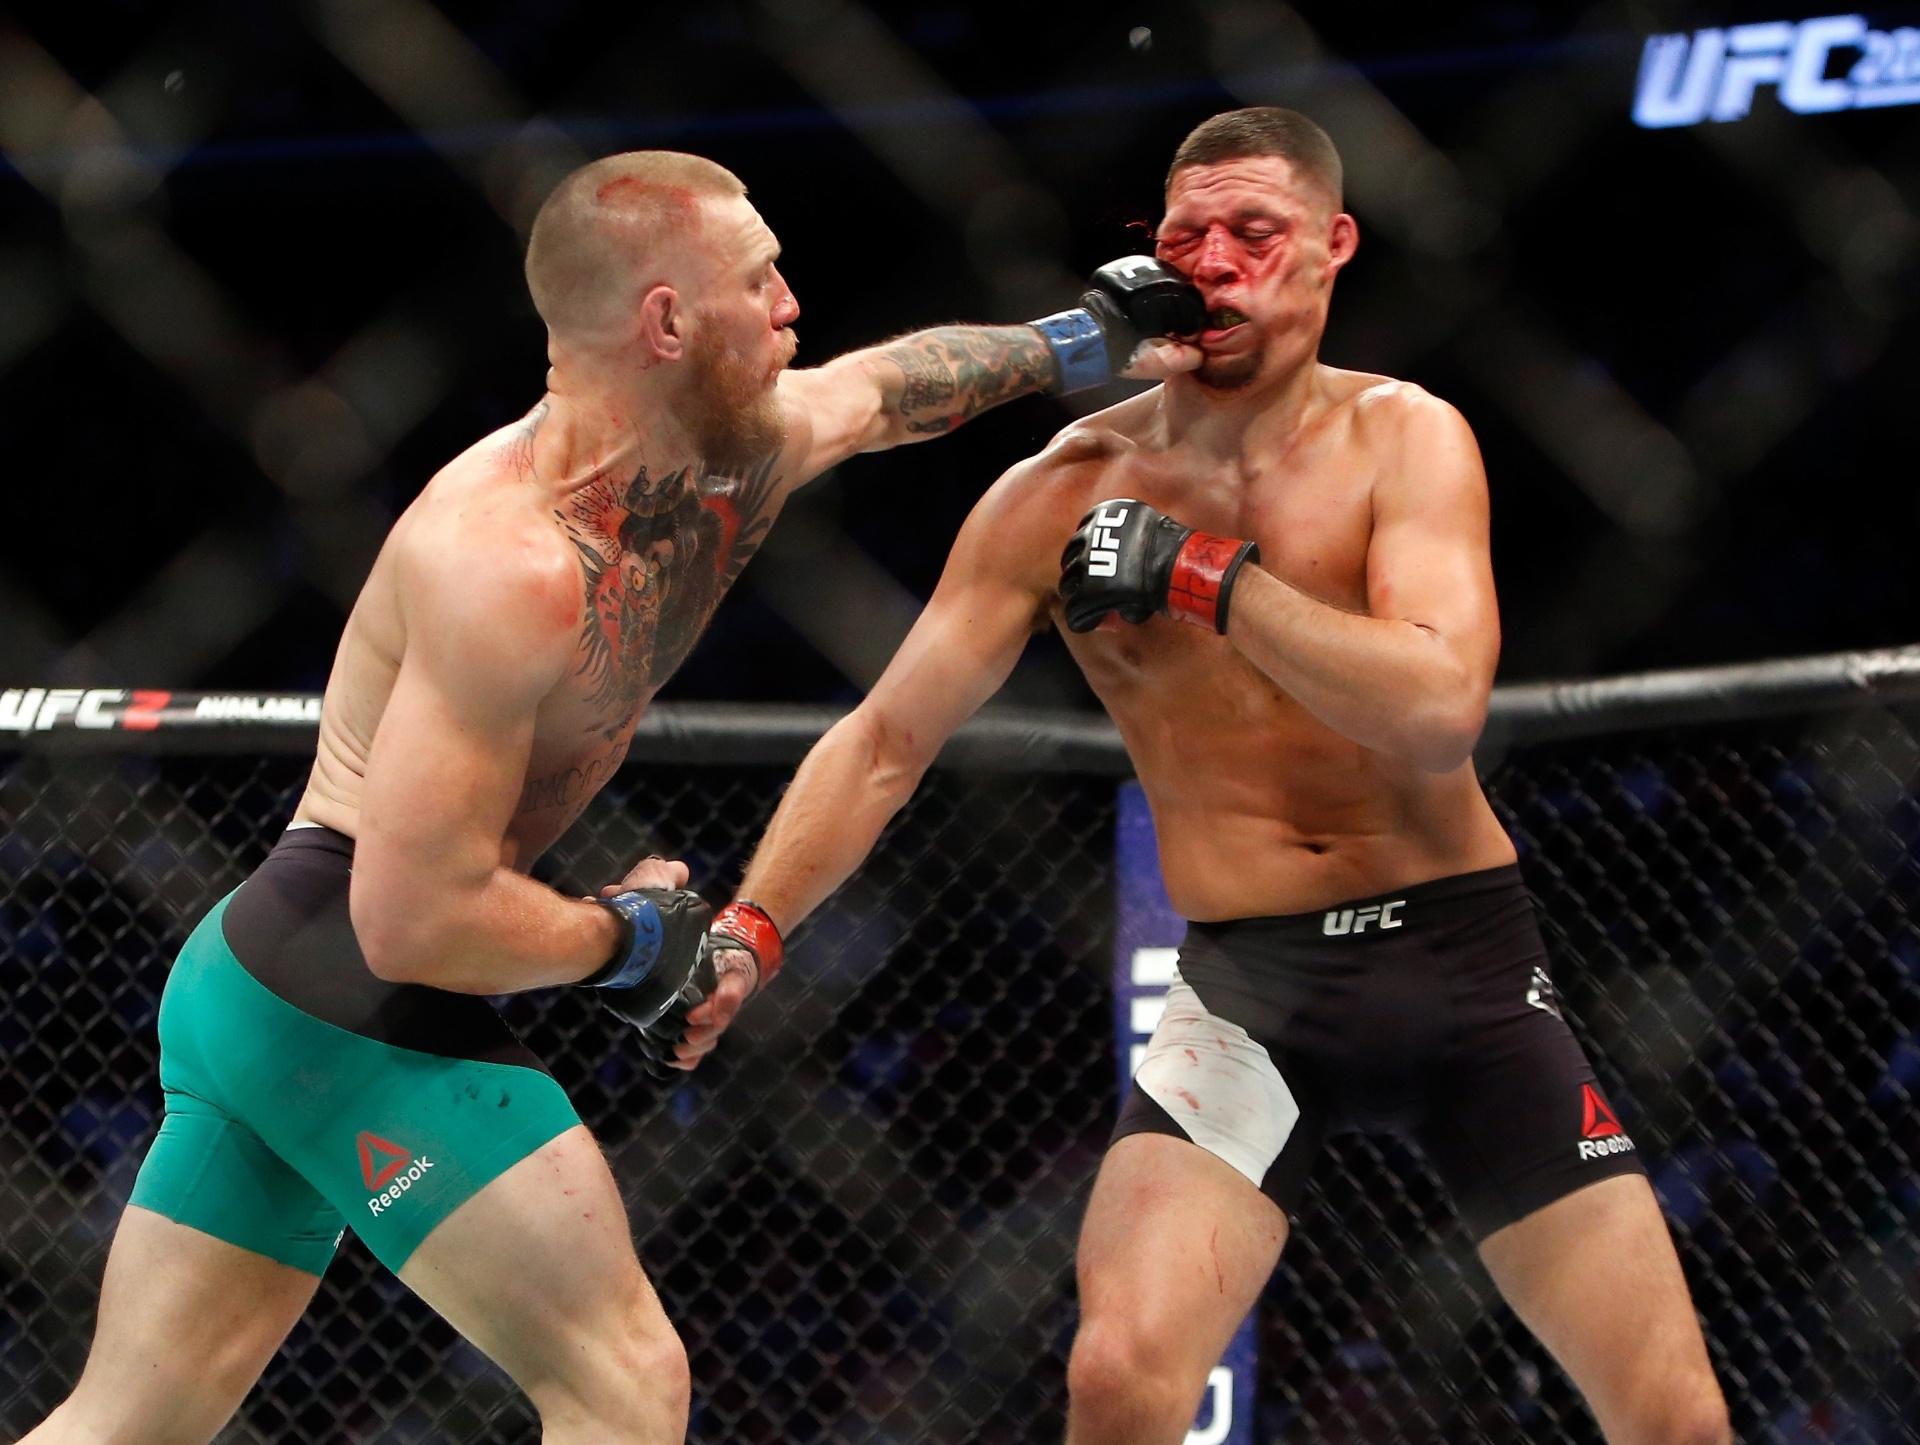 Conor McGregor acerta direto no rosto de Nate Diaz